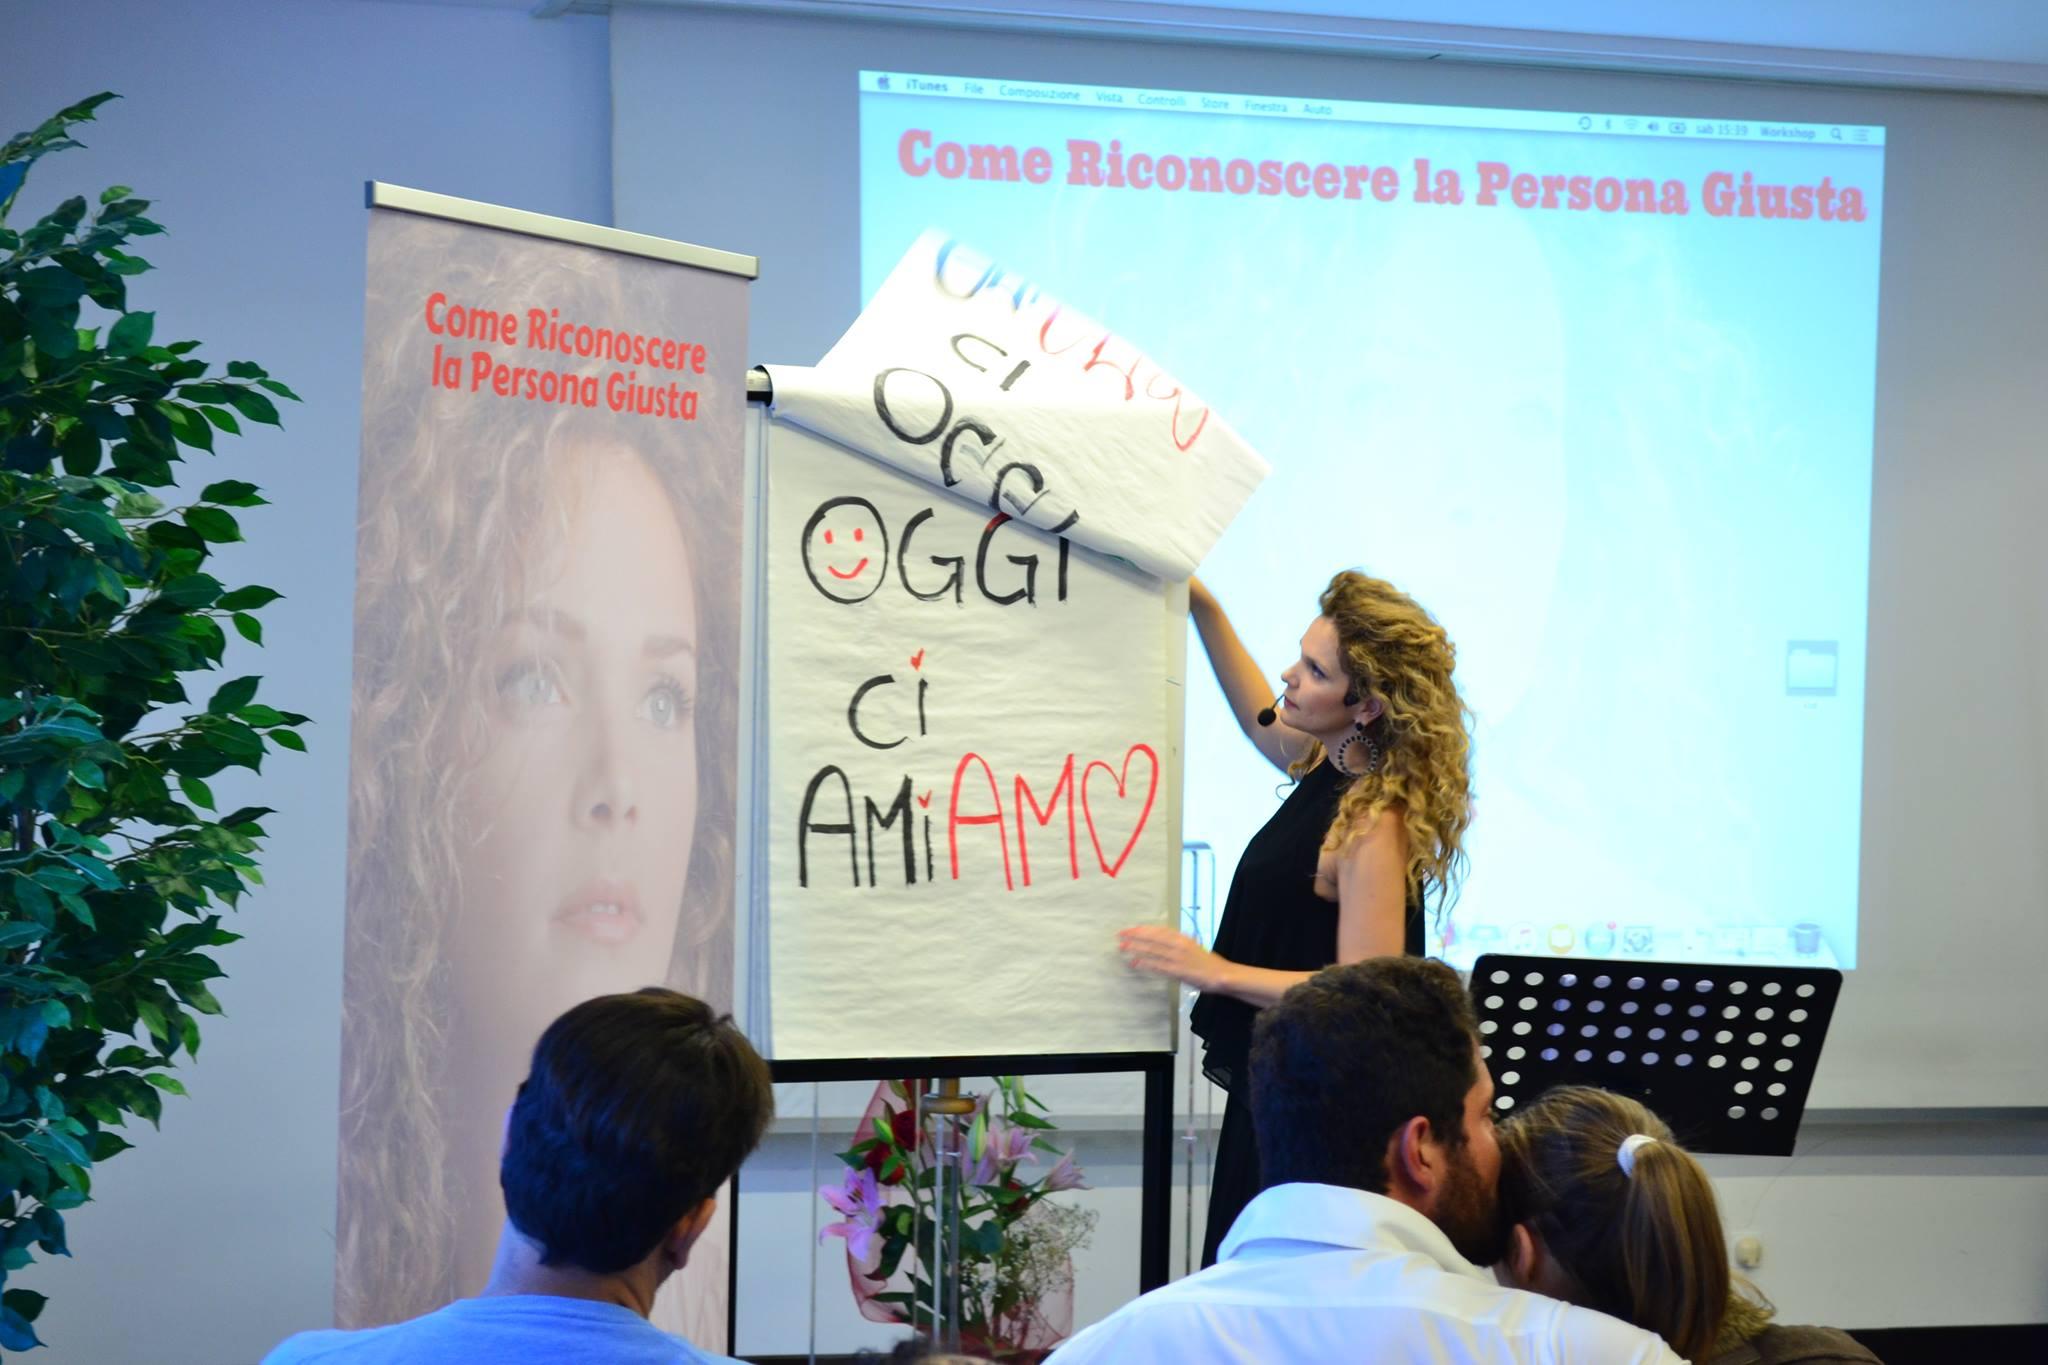 Giovanna-De-Maio-Workshop-Come-Riconoscere-la-Persona-Giusta-Roma-26